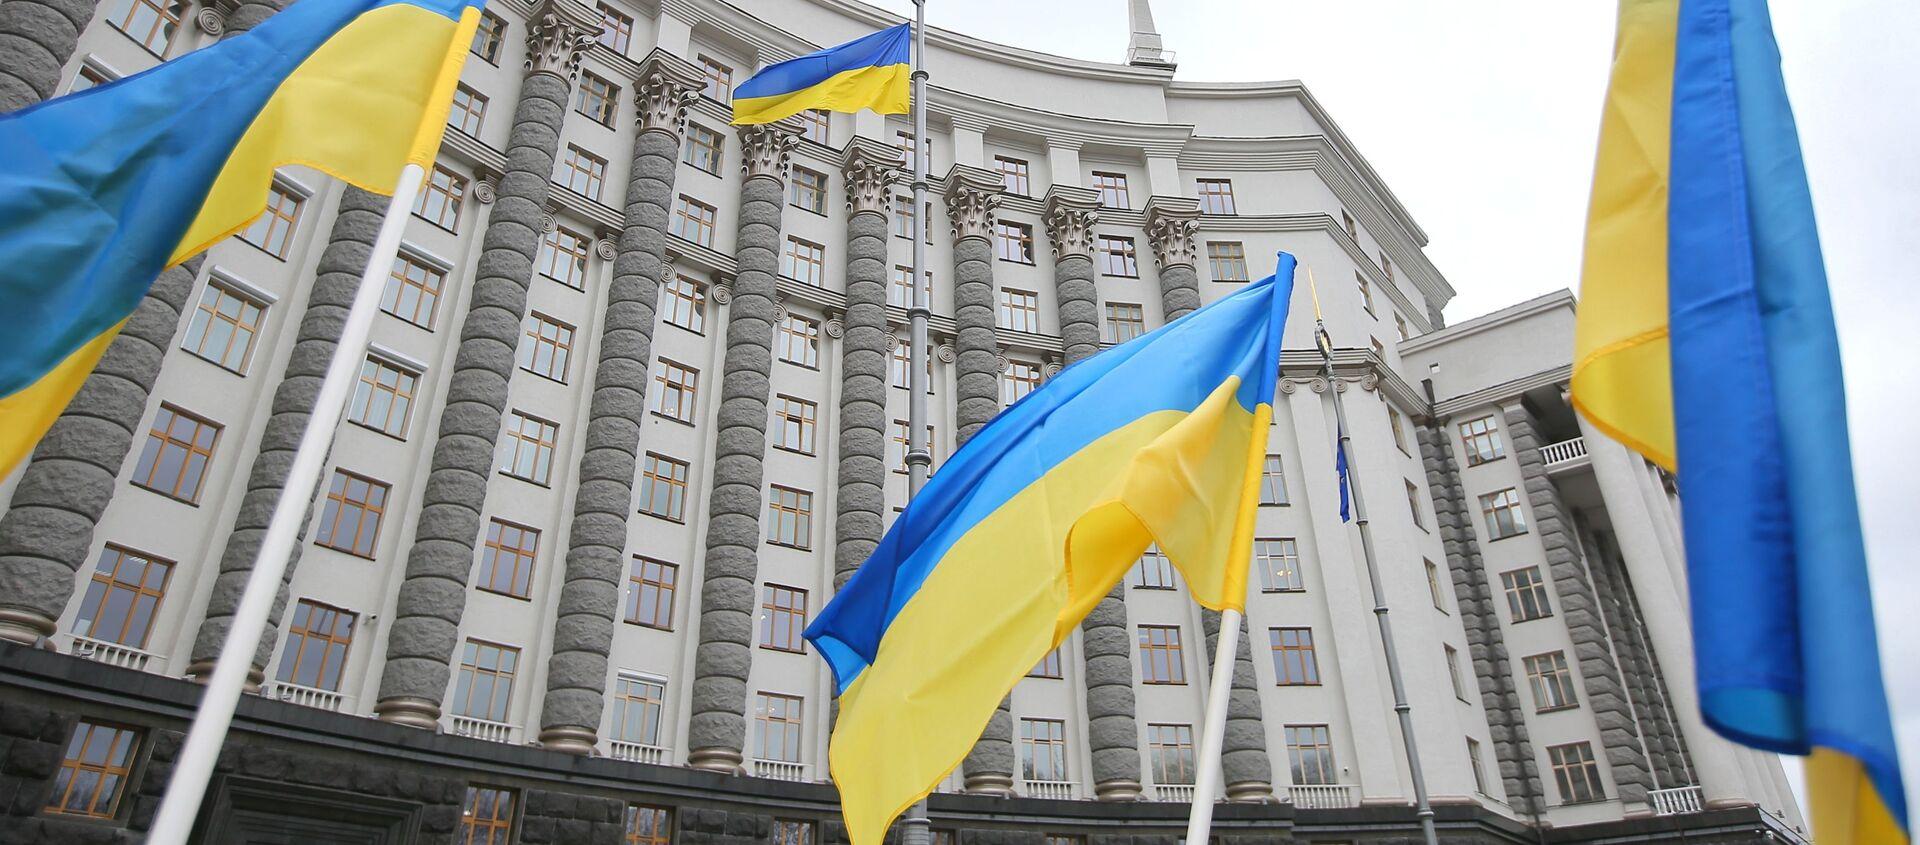 Flagi przed gmachem ukraińskiego parlamentu w Kijowie. - Sputnik Polska, 1920, 29.03.2021